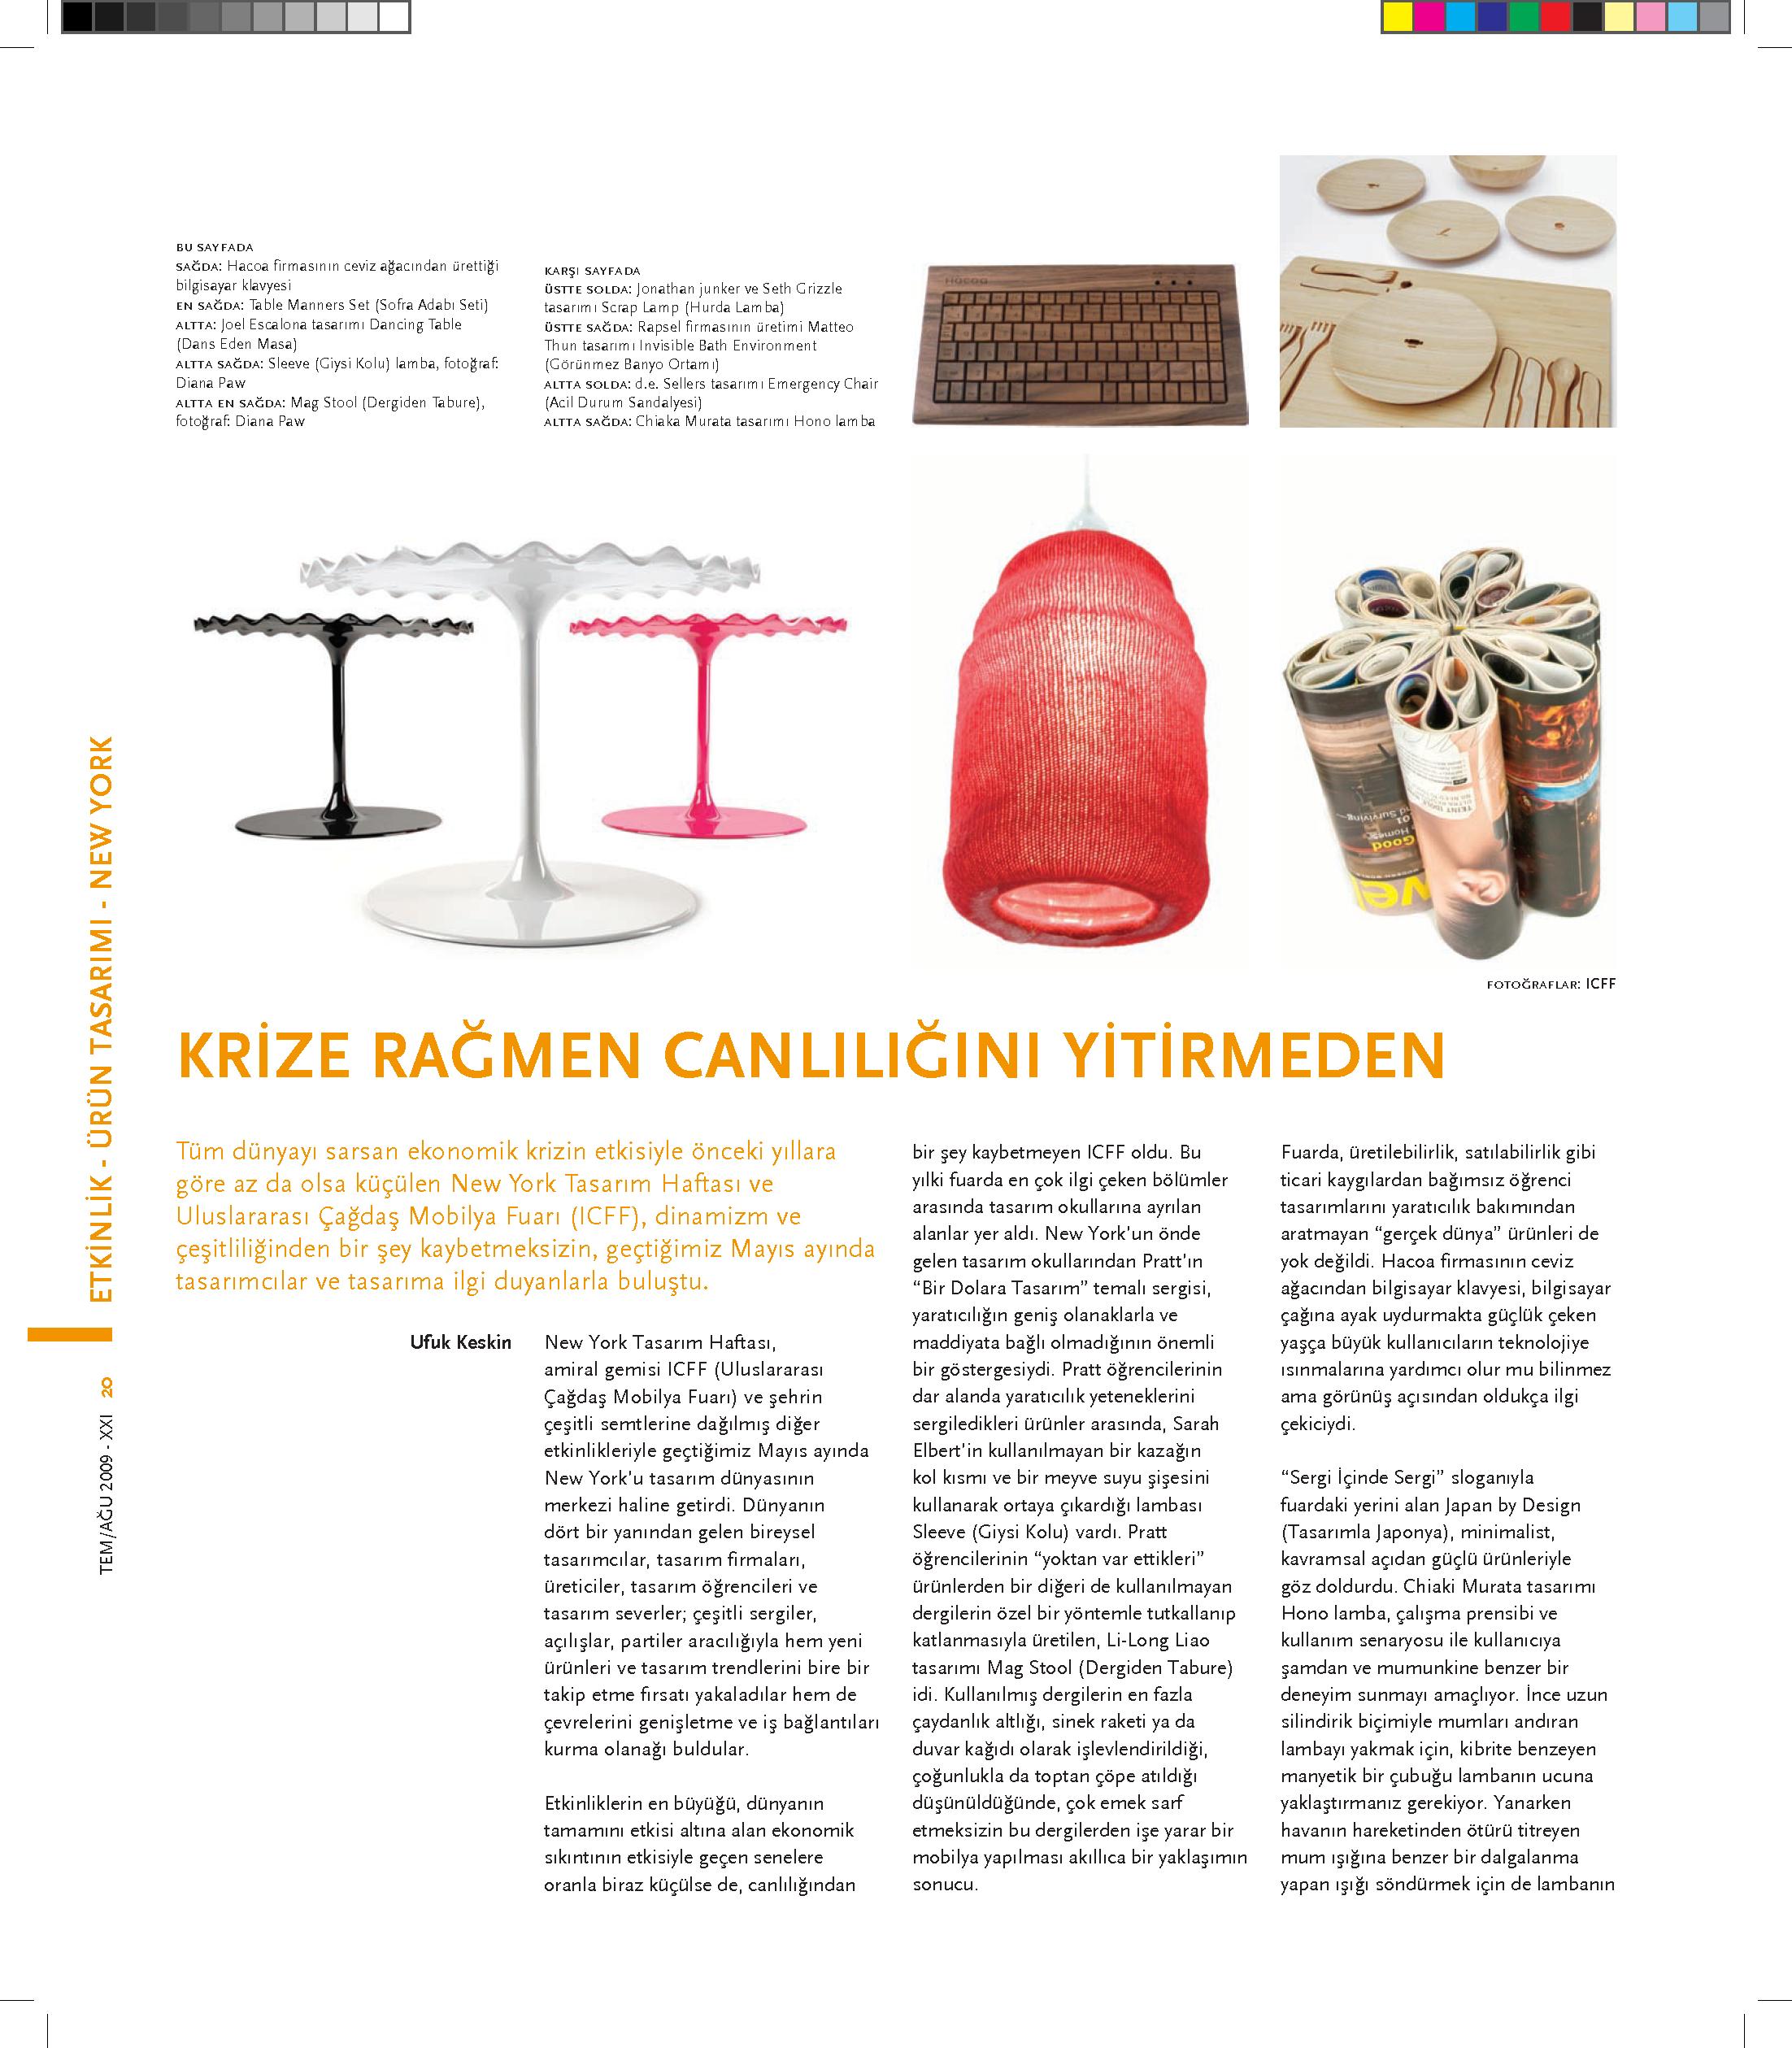 Keskin_ICFF[1]_Page_1.png